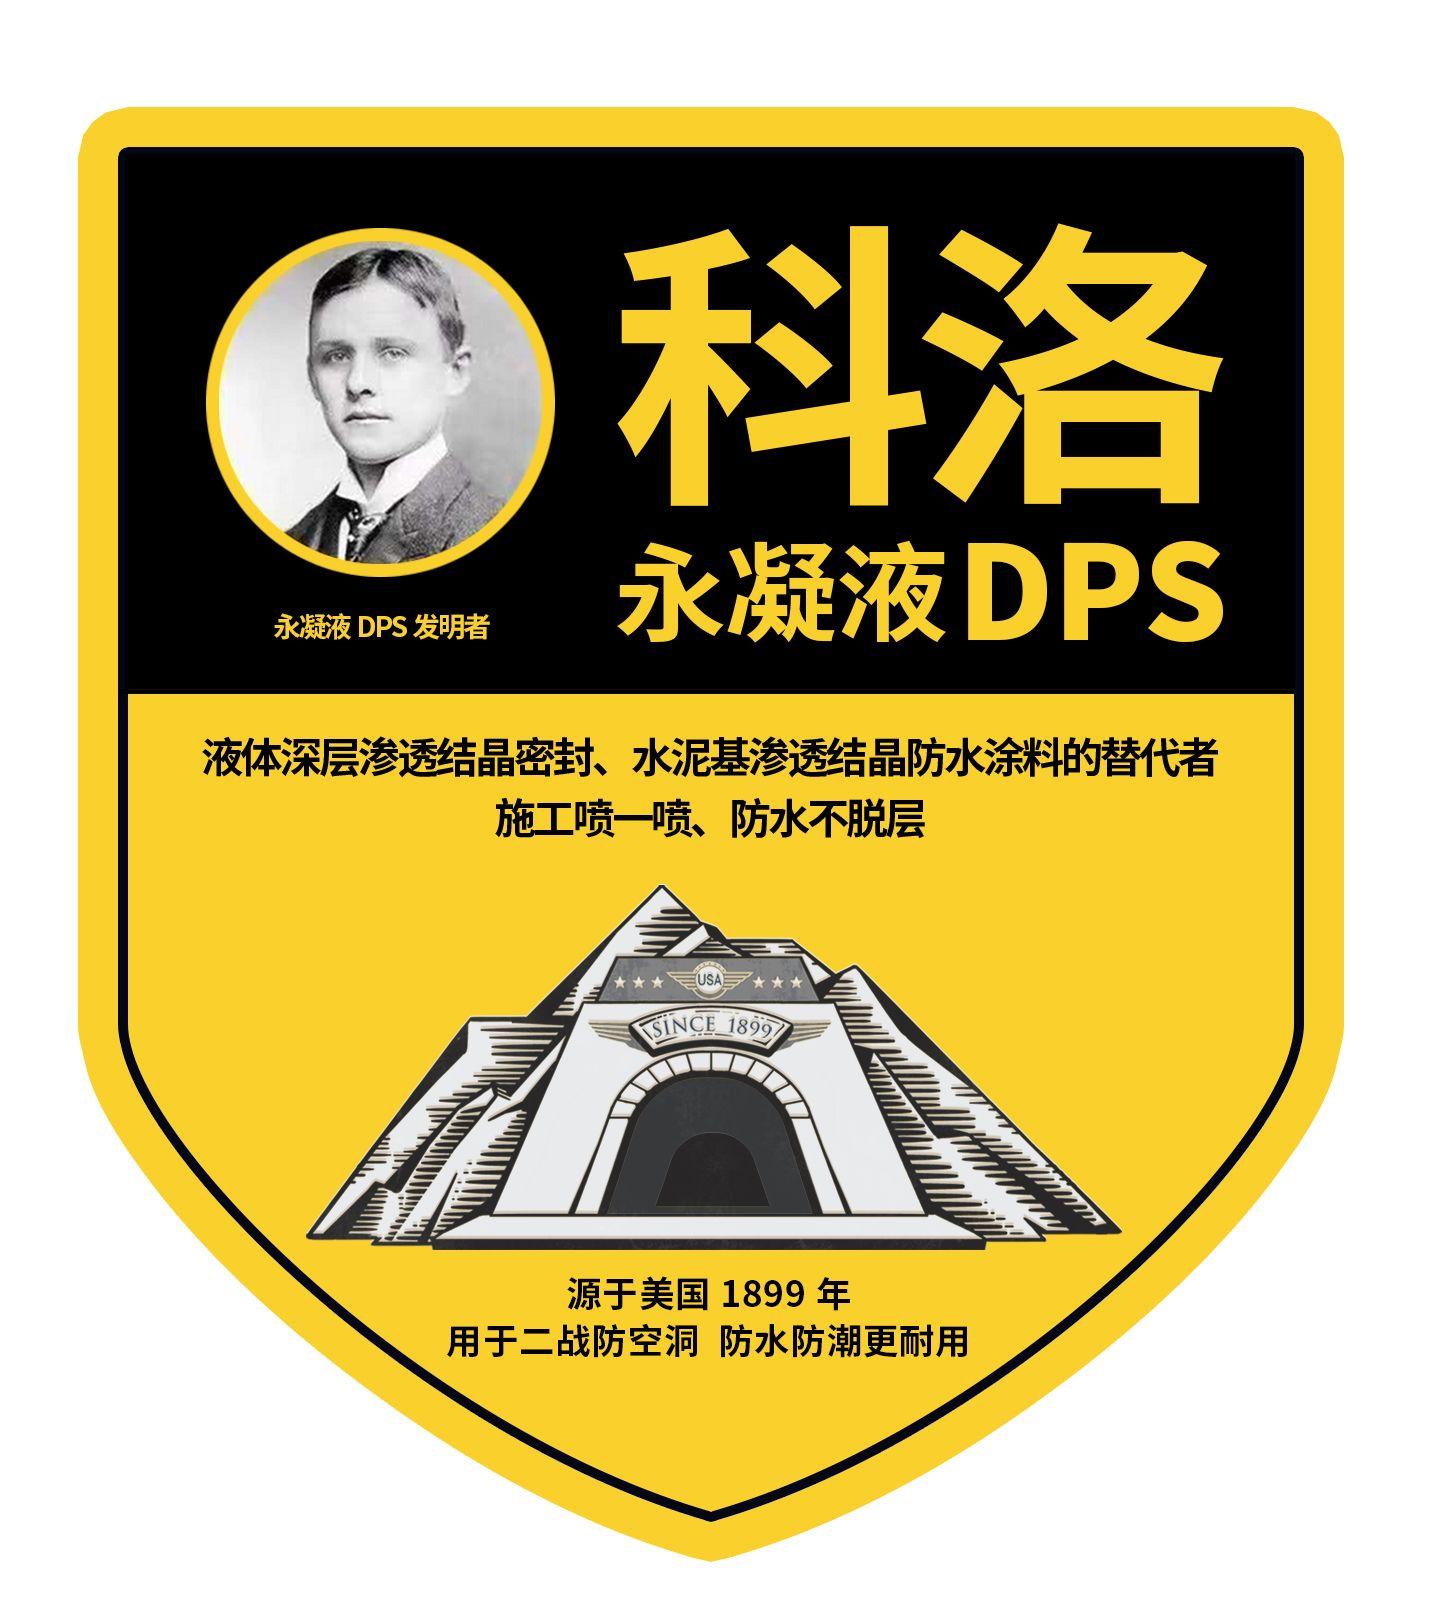 永凝液DPS防水剂使用效果如何?